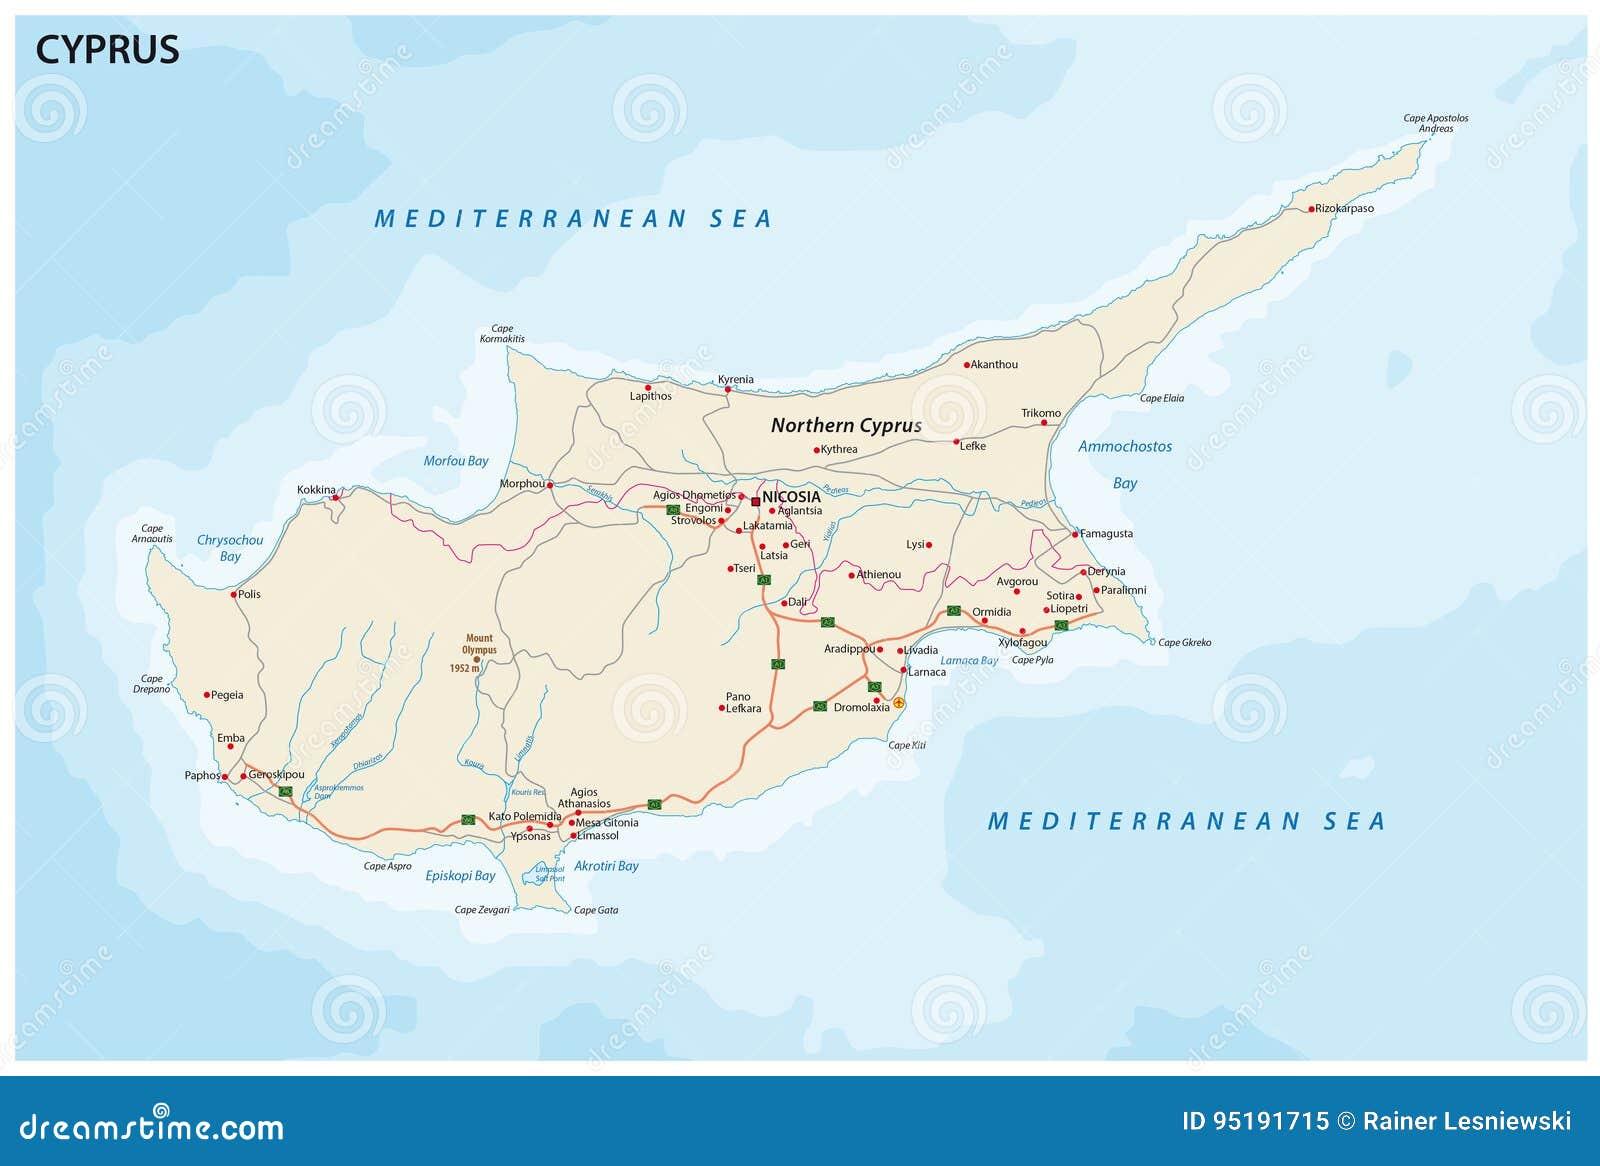 Chypre Ville Carte.Carte De Route D Ile Mediterraneenne Chypre Illustration De